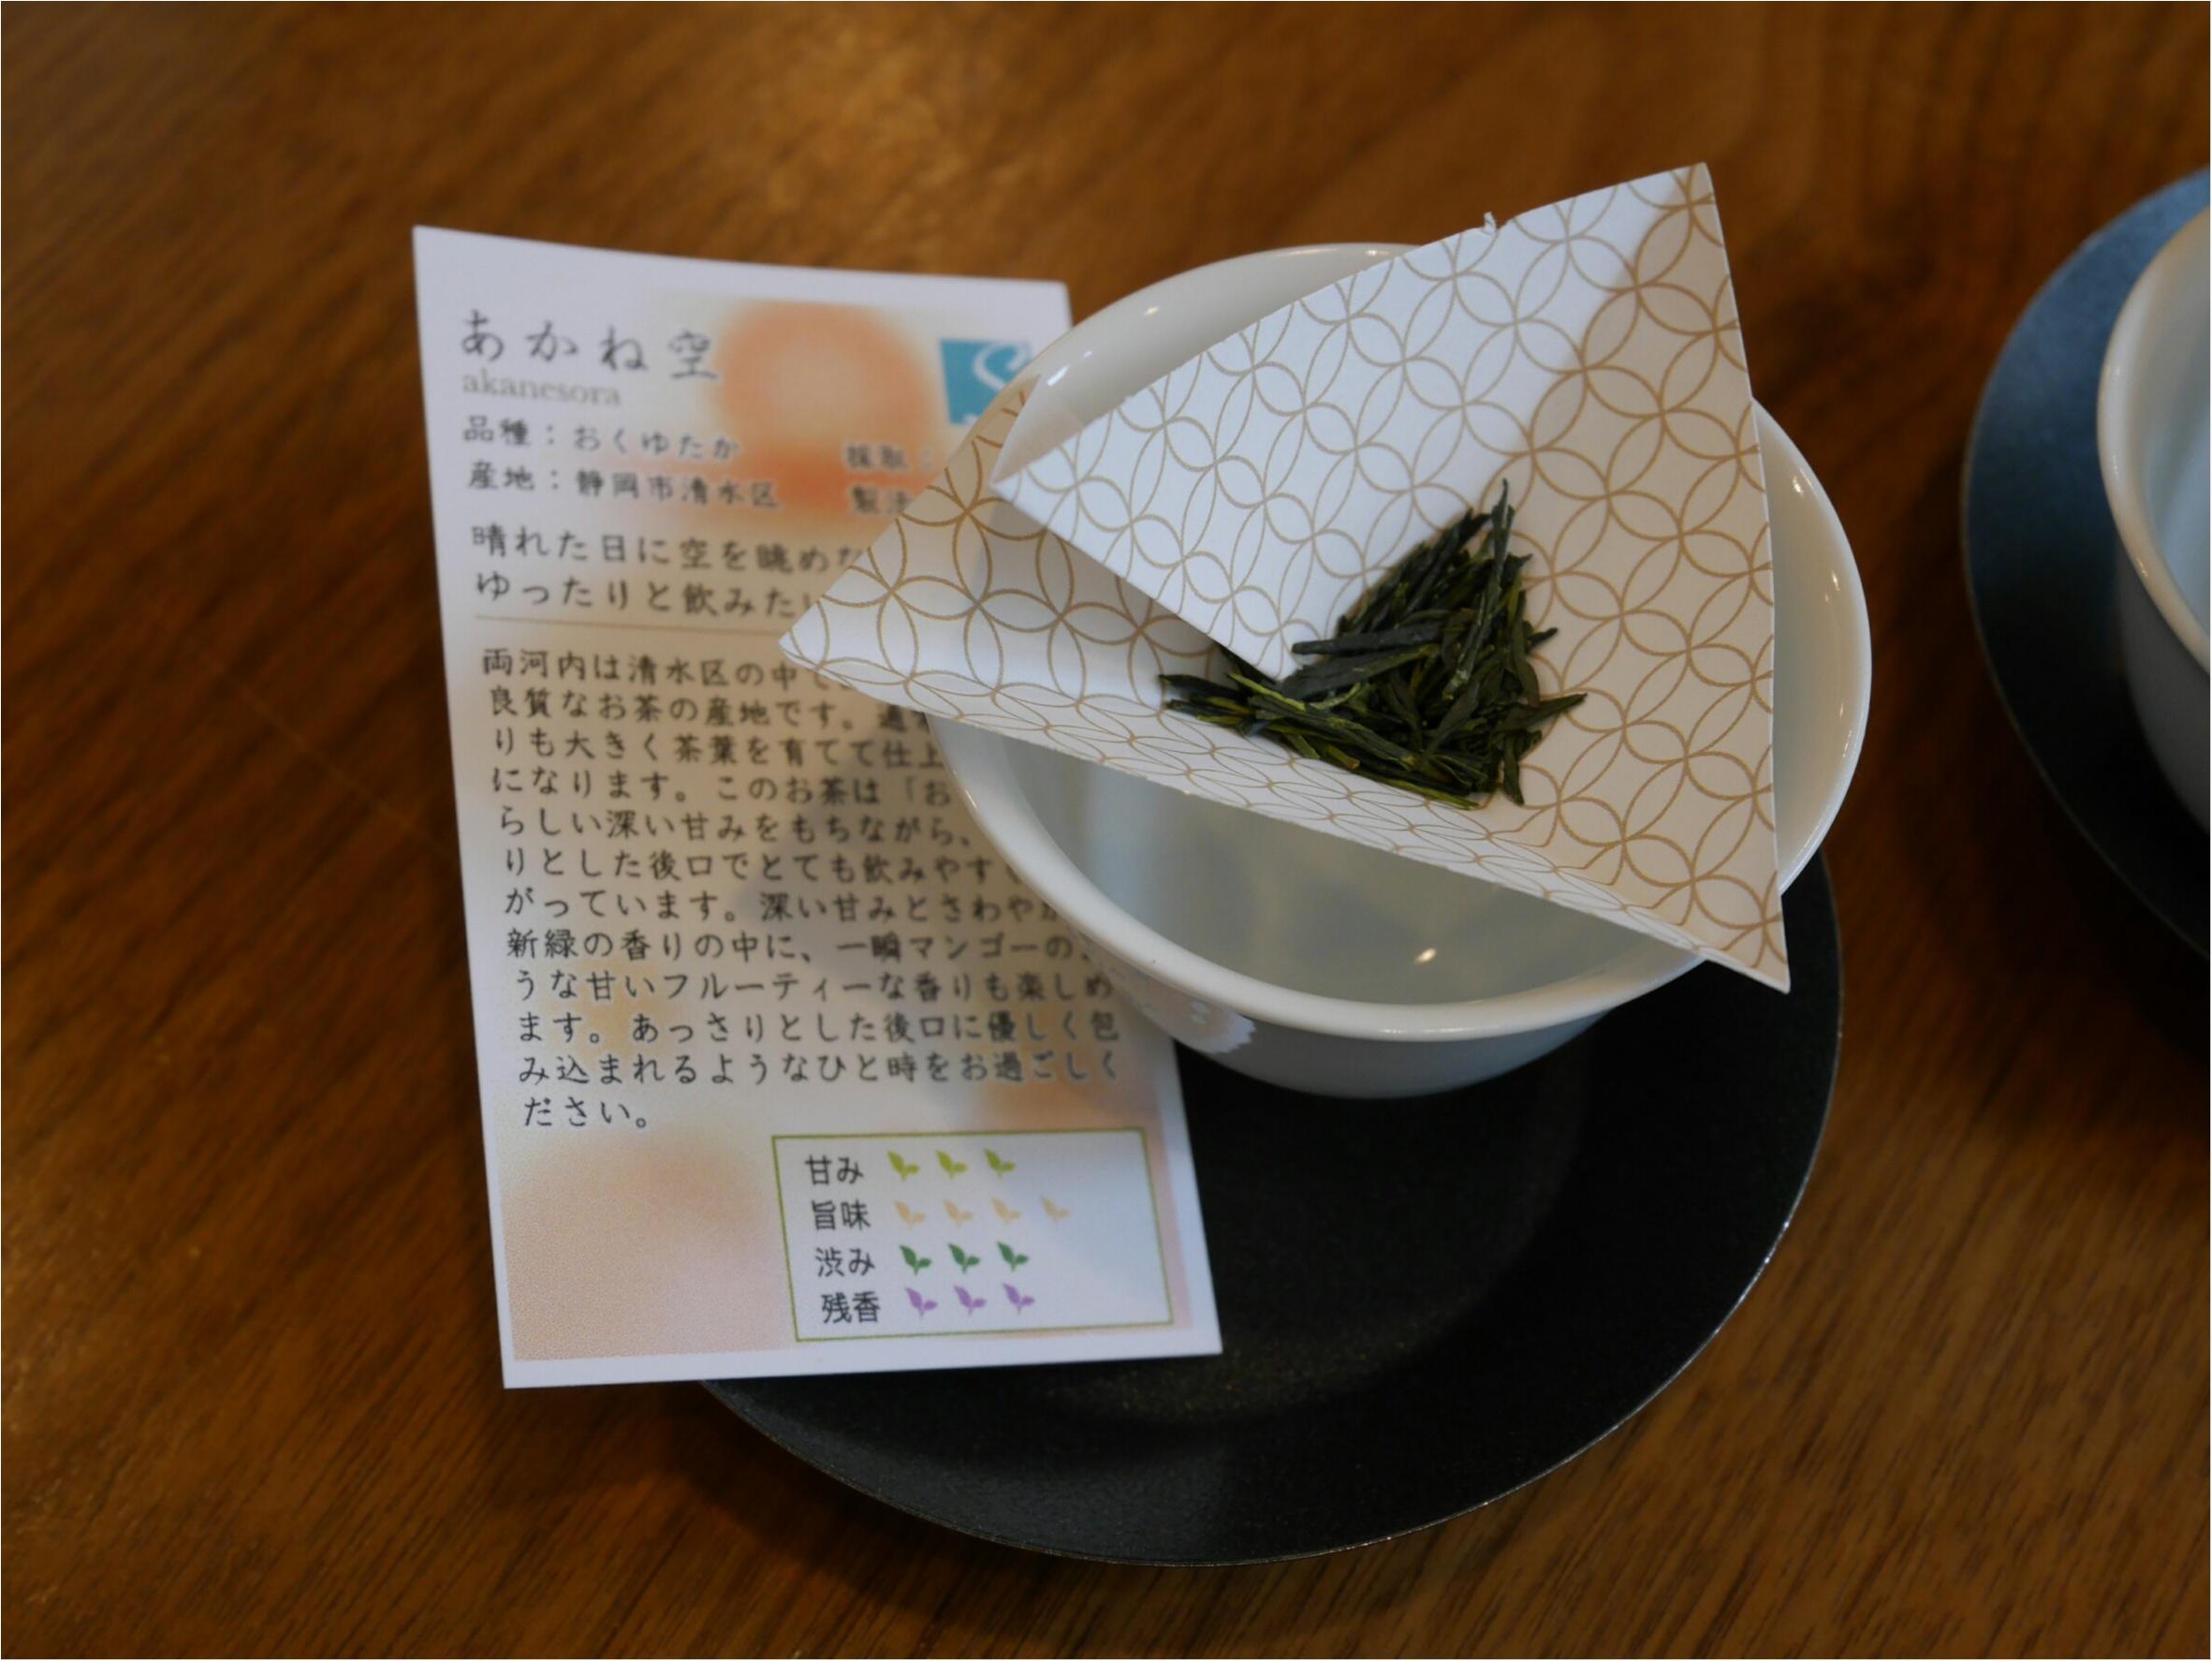 表参道にある「茶茶の間」は幅広い年代から愛される日本茶のカフェだった。_4